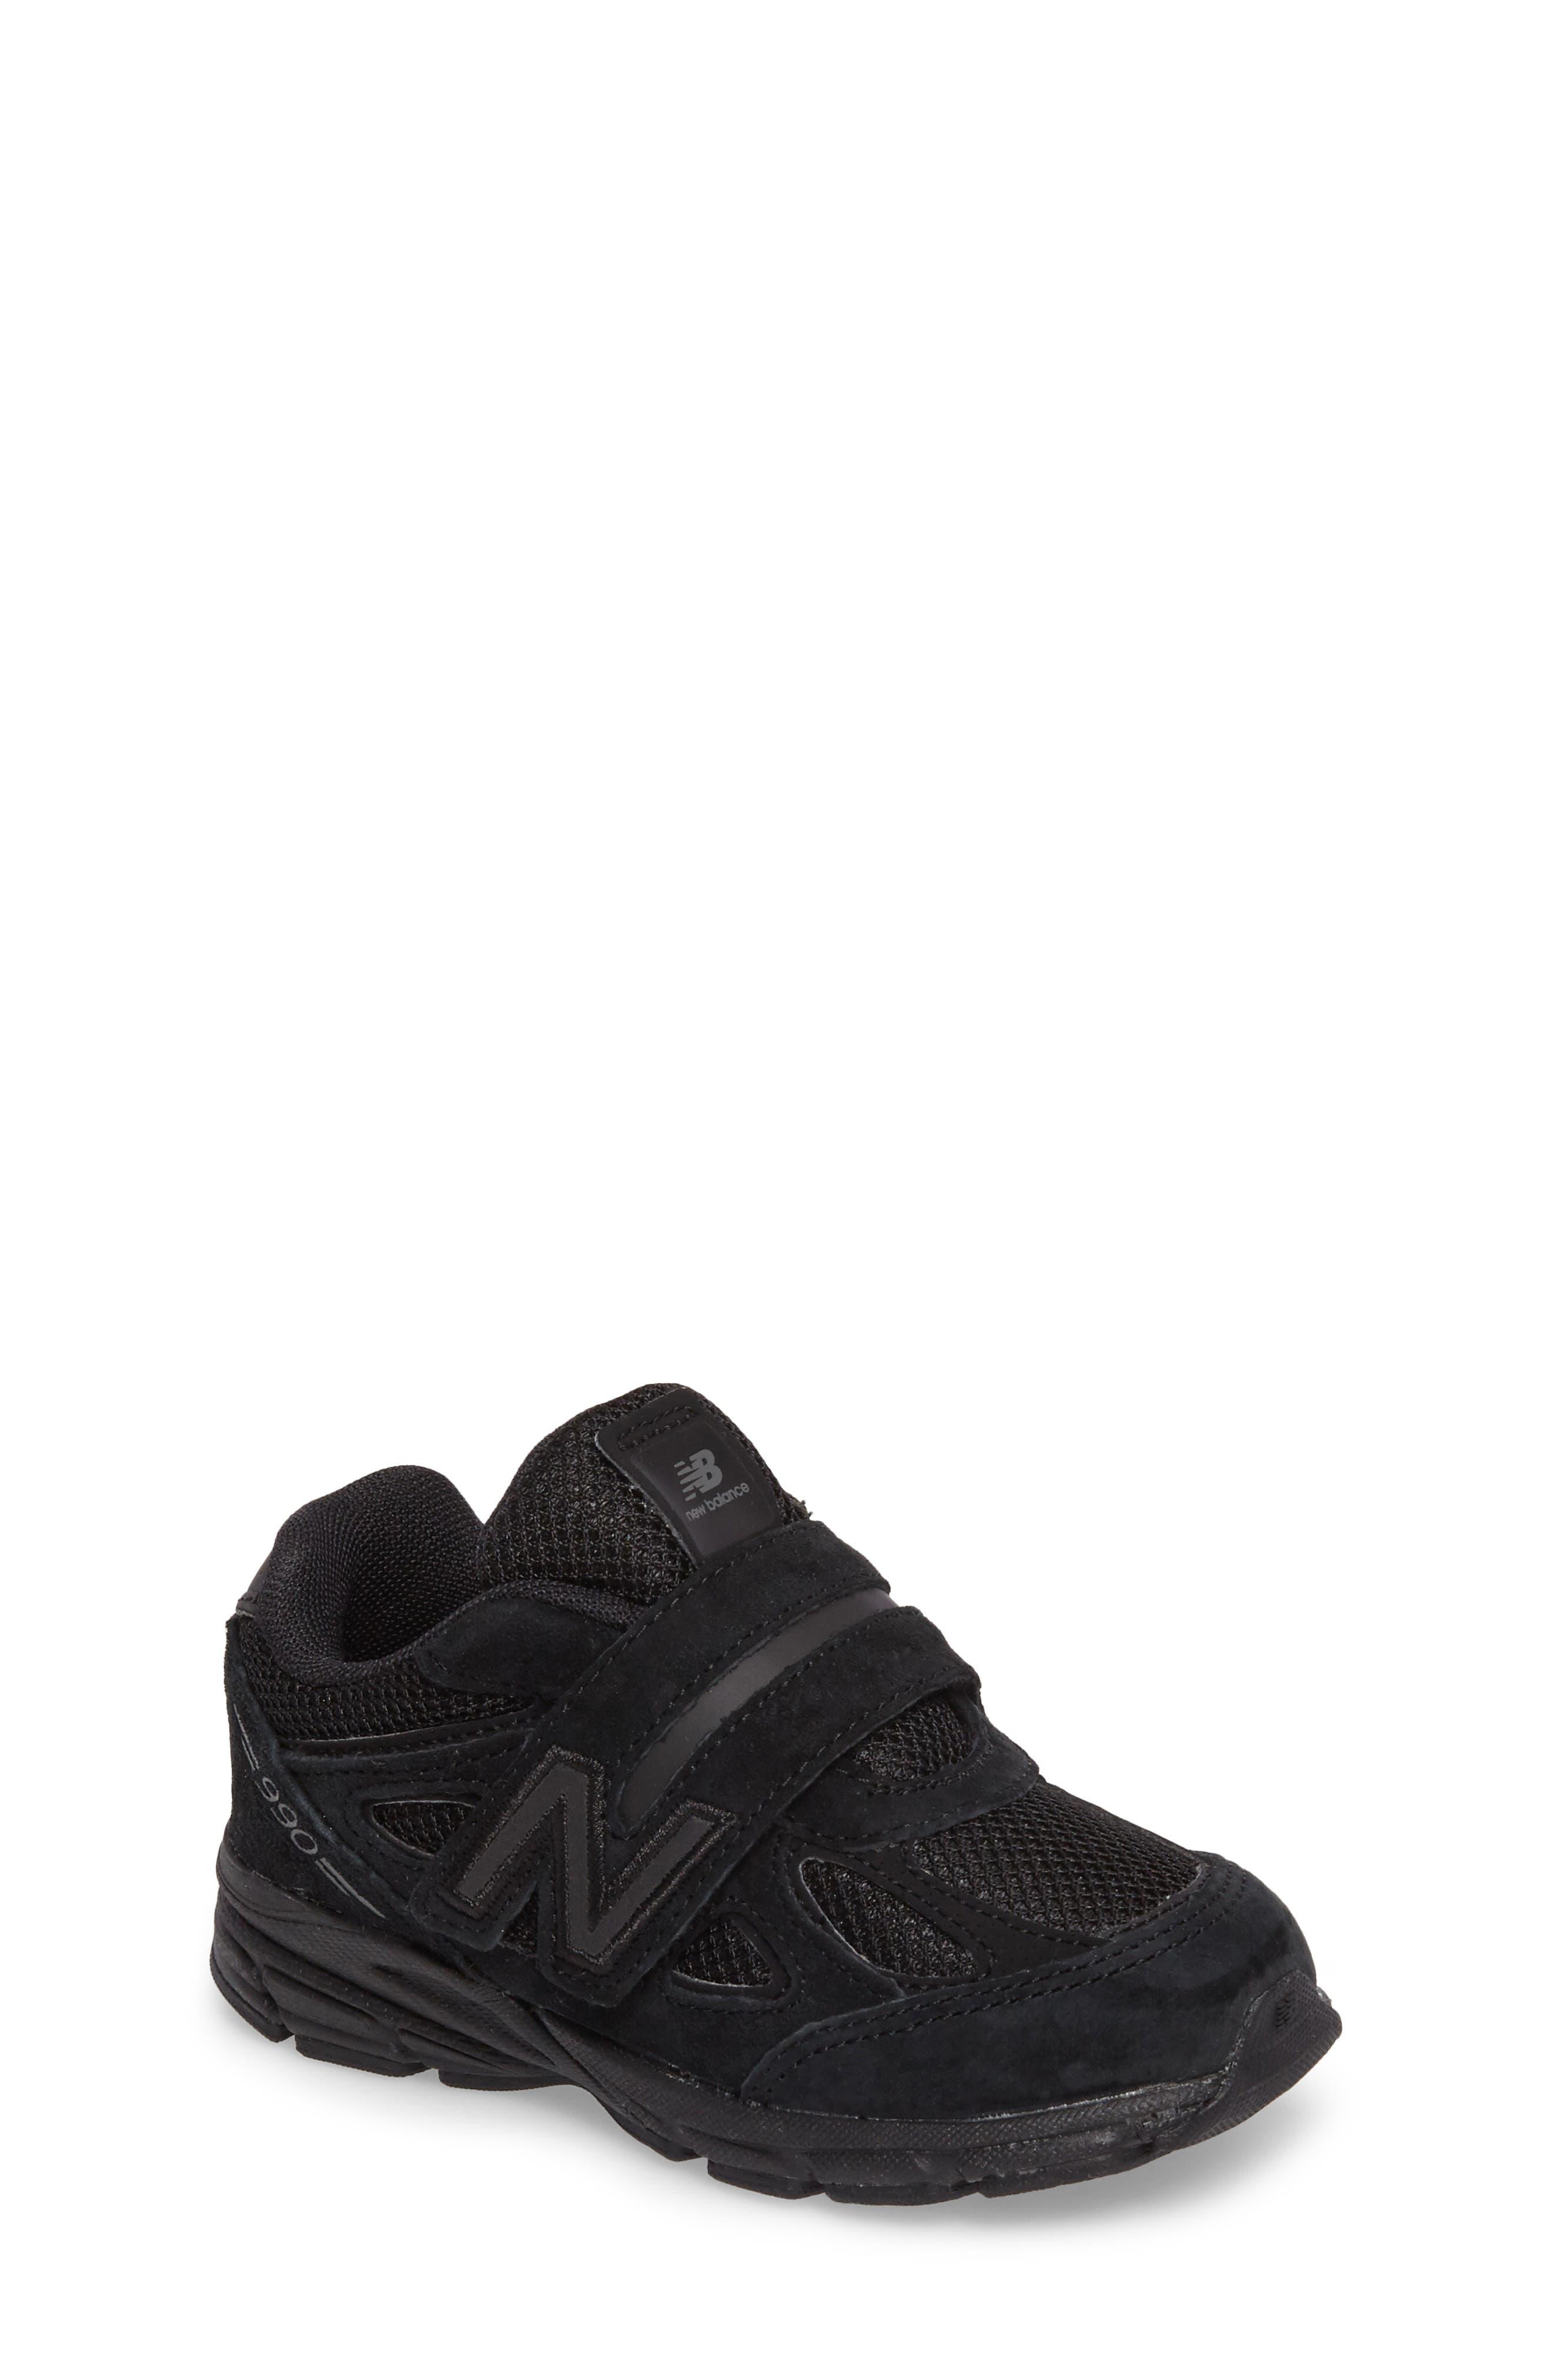 '990v4' Sneaker,                         Main,                         color, Black/ Black